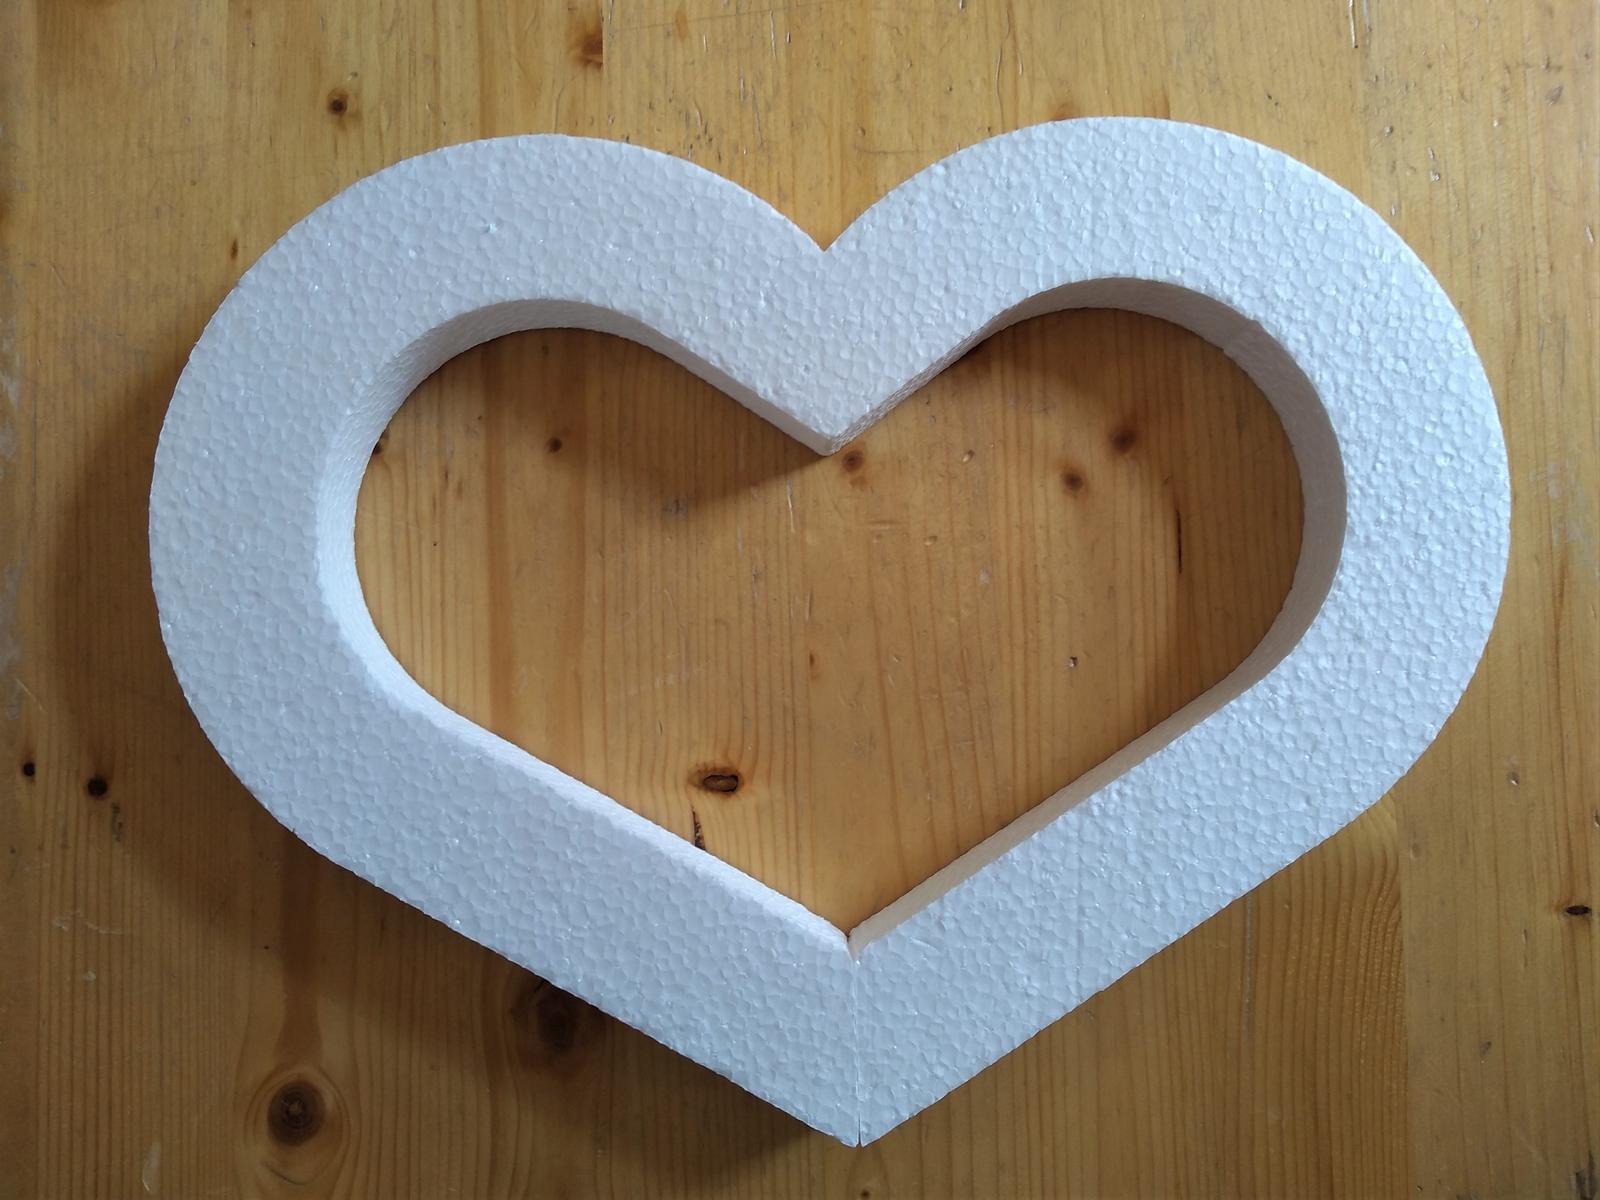 Polystyrenové srdcia - Obrázok č. 2